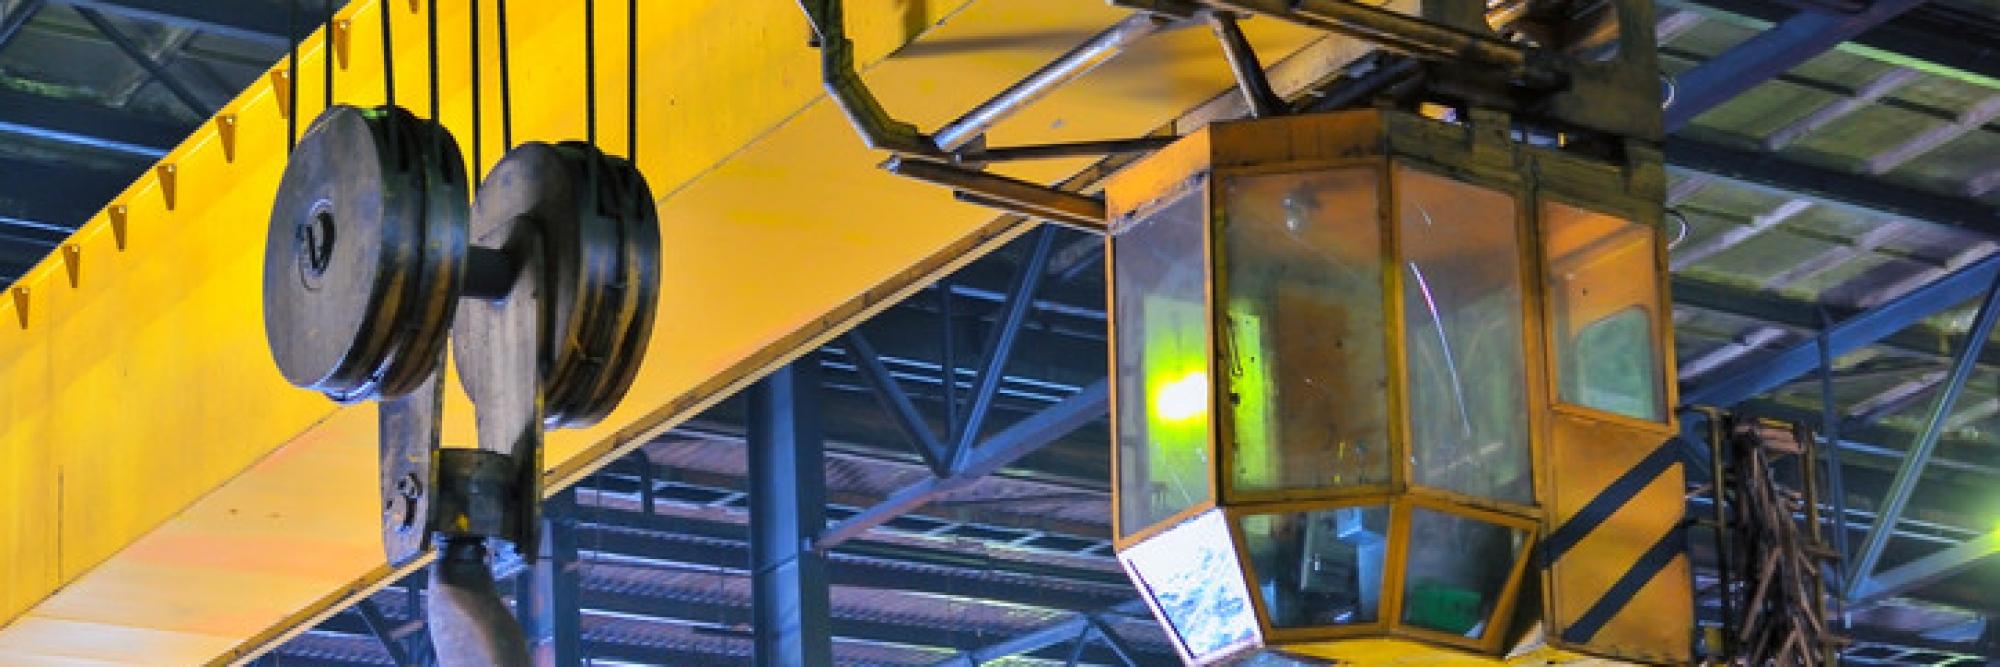 <big>Aerial Work Platform Certification</big>